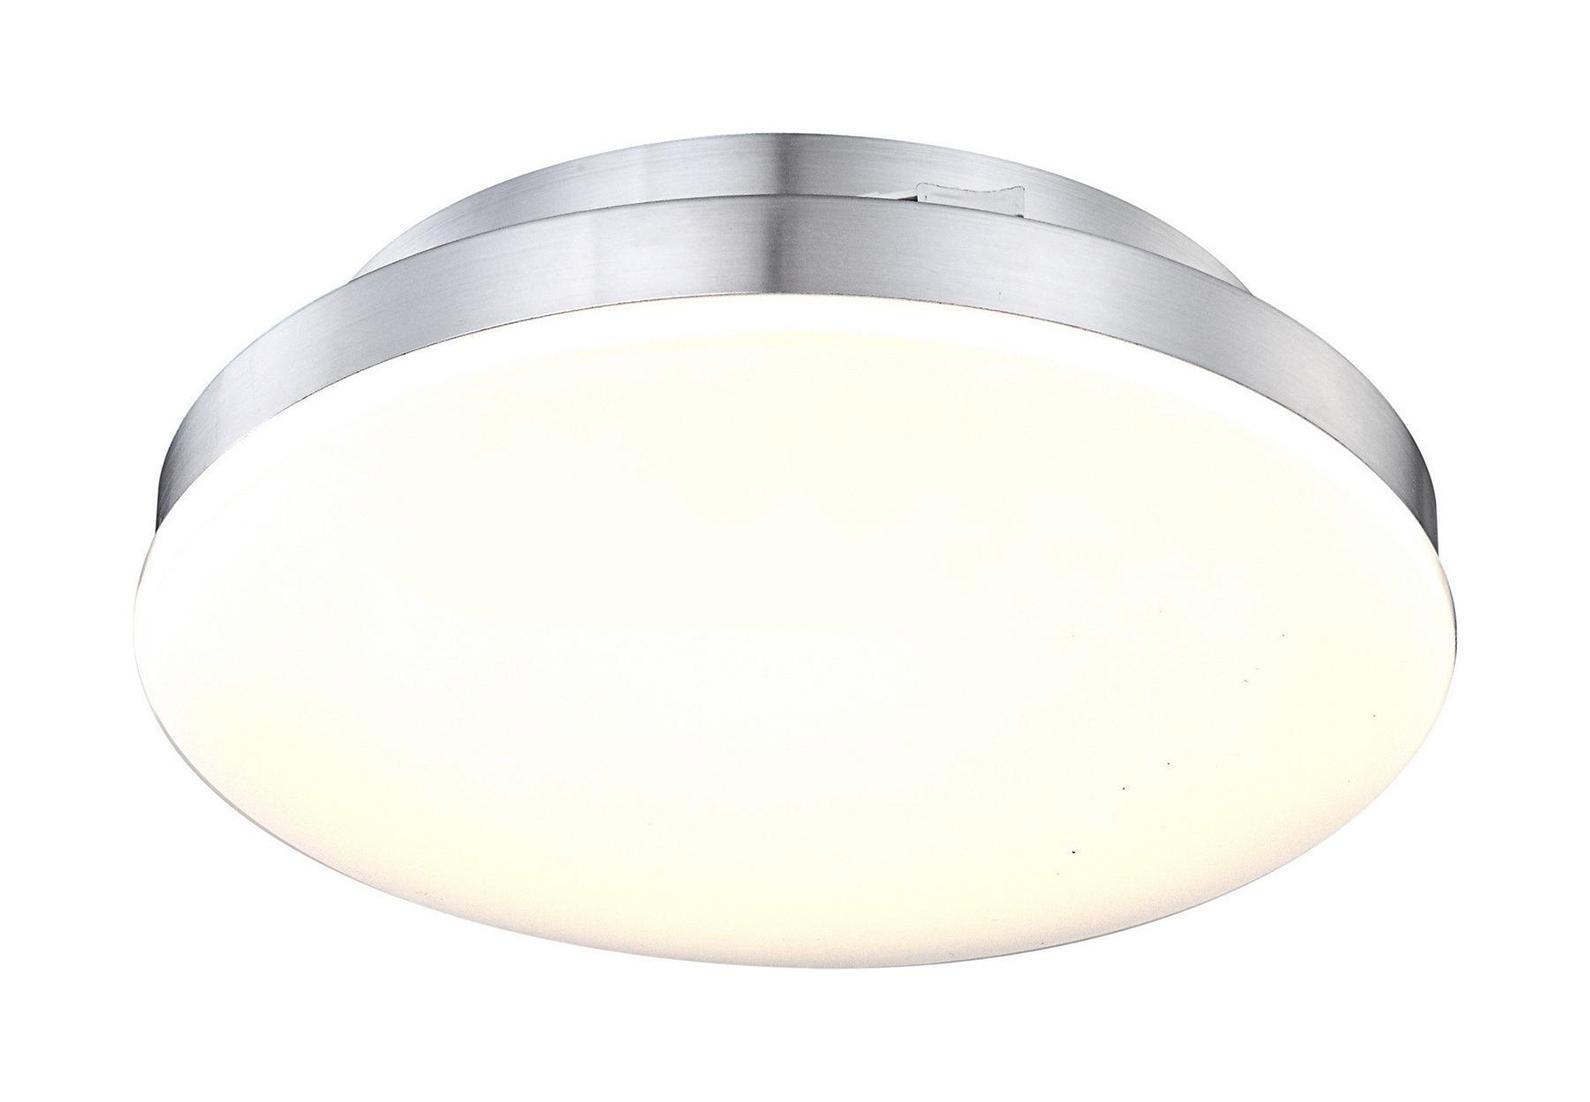 41665 Потолочный светильник MARISSA41665Настенно-потолочный светильник Globo 41665 Marissa идеально подойдет для интерьеров в стиле модерн. Основные элементы светильника Globo 41665 Marissa изготовлены из следующих материалов: акрил, металл. Рекомендовано использование энергосберегающих ламп для экономии электроэнергии.